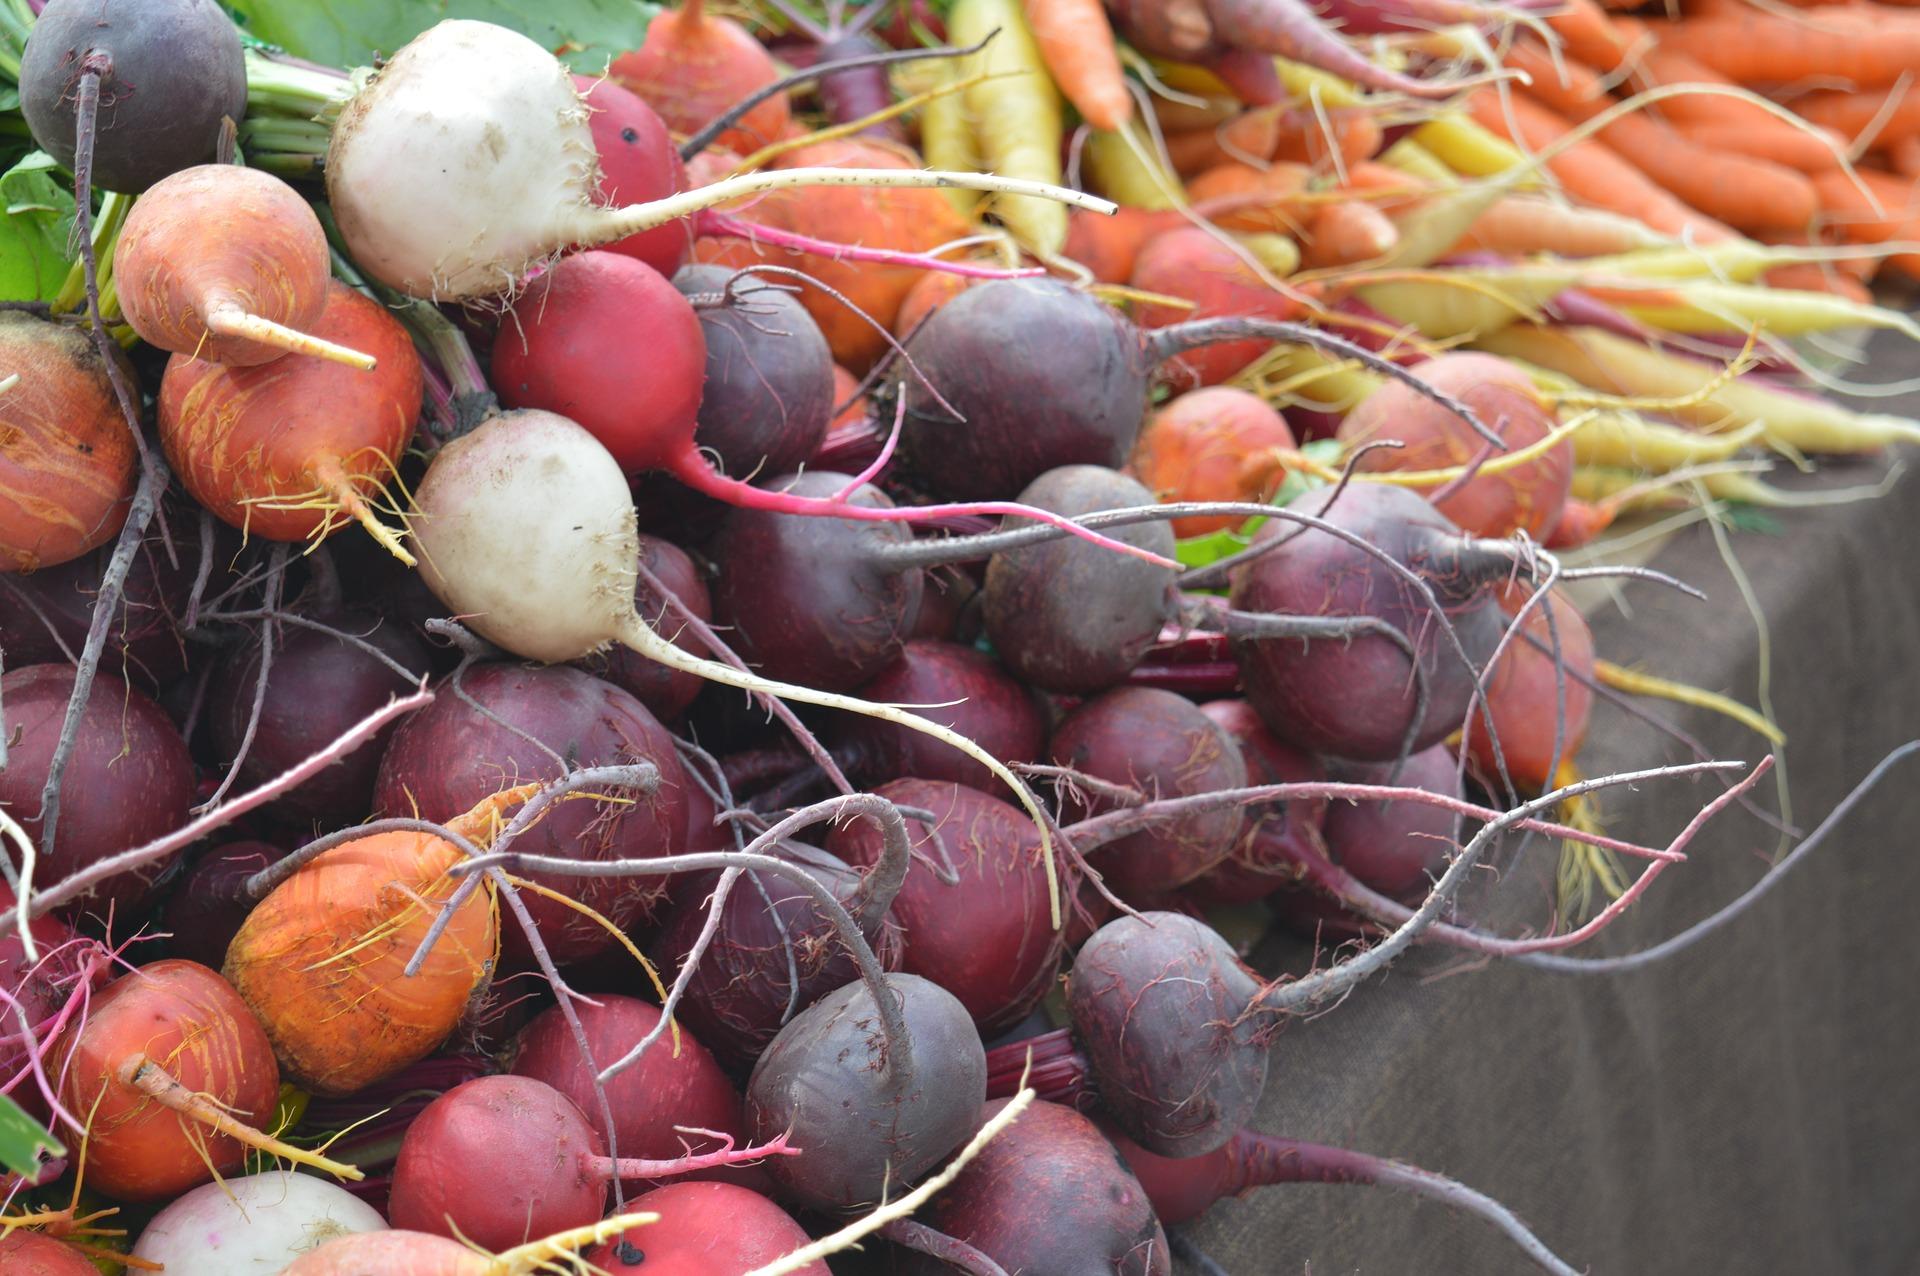 Овочі «борщового набору» дорожчатимуть на 10-15% щомісяця — економіст